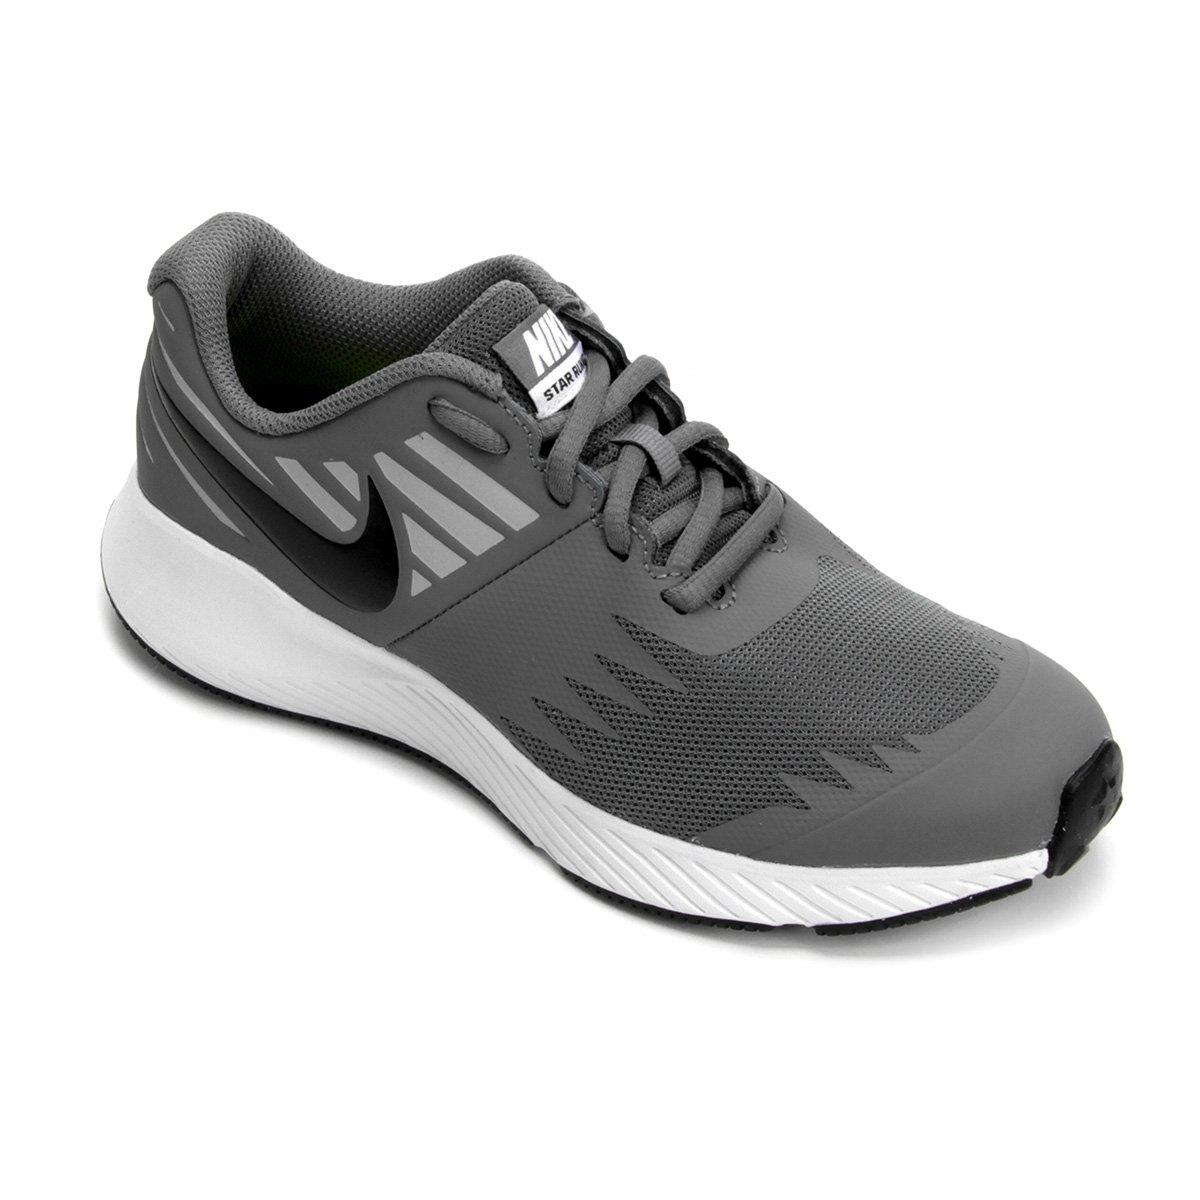 Tênis Agora Infantil Nike Star Runner GS Compre Agora Tênis e81ebf ... b26975267c9c3